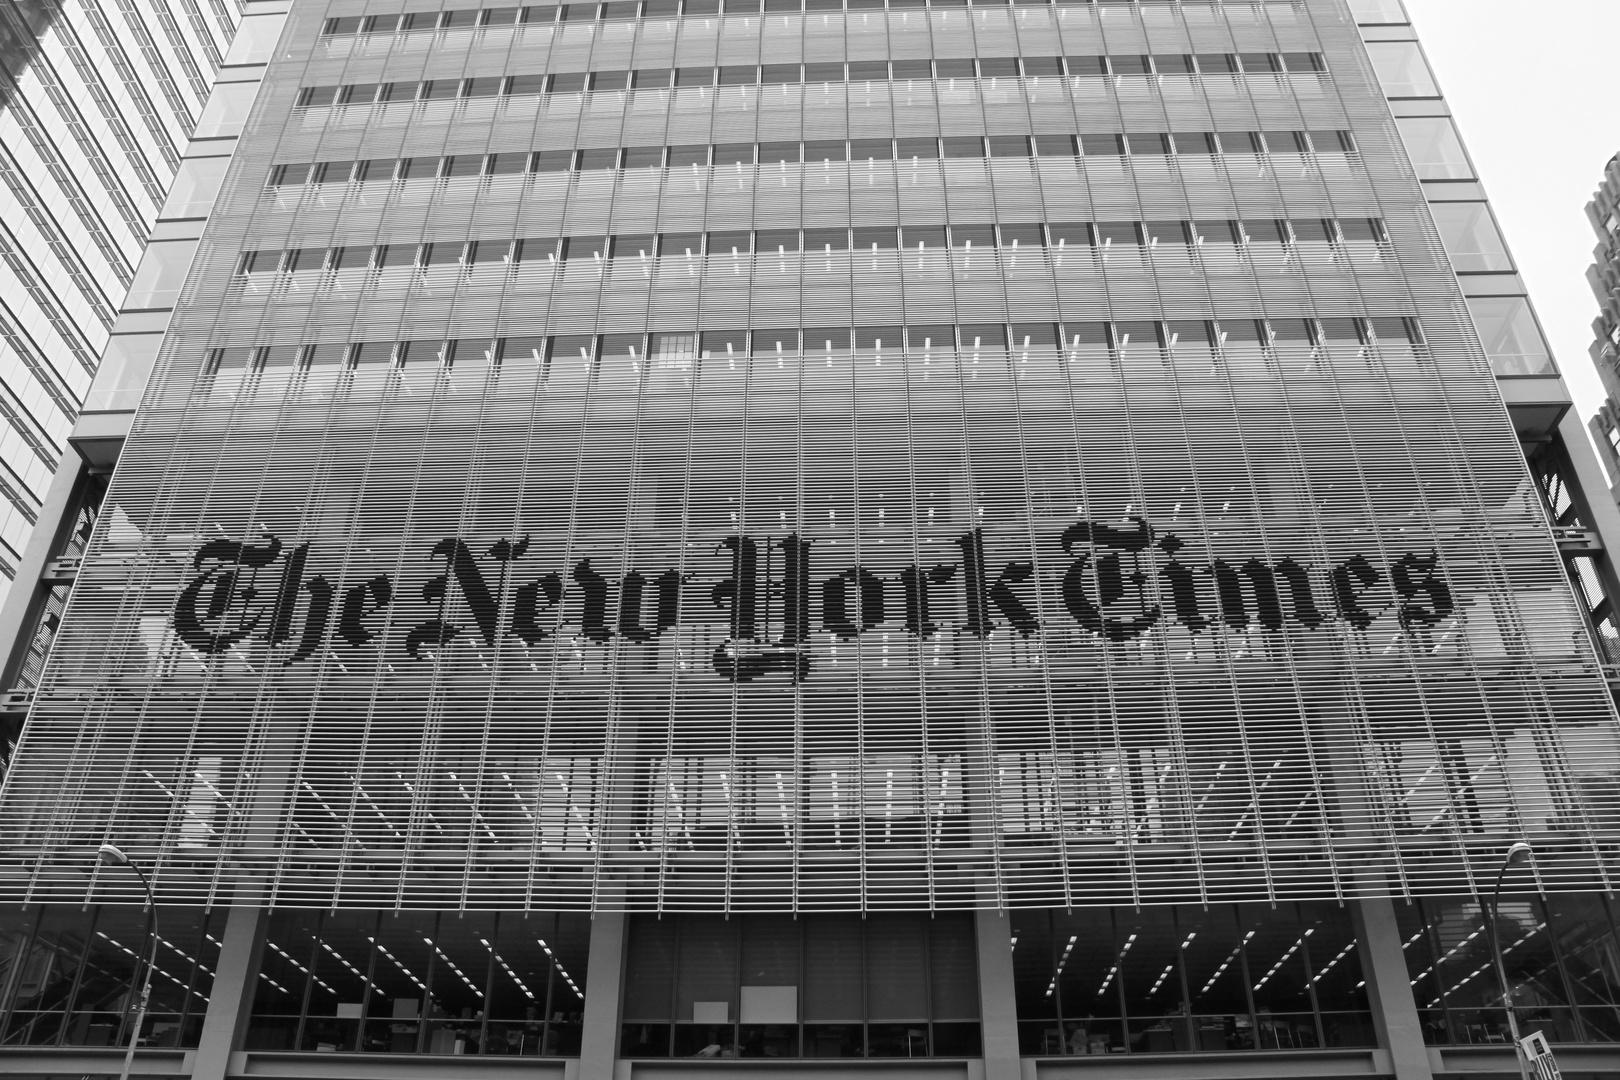 NY Times!